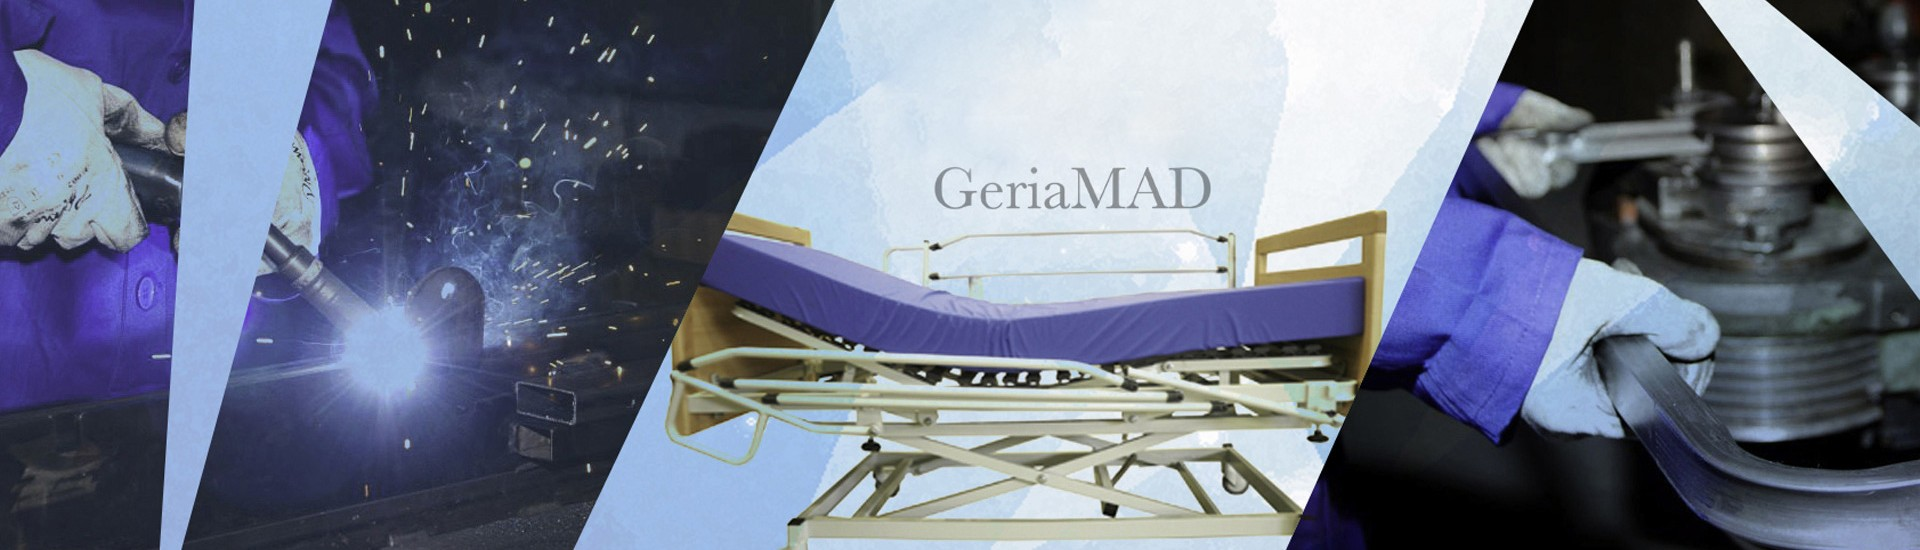 GeriaMAD